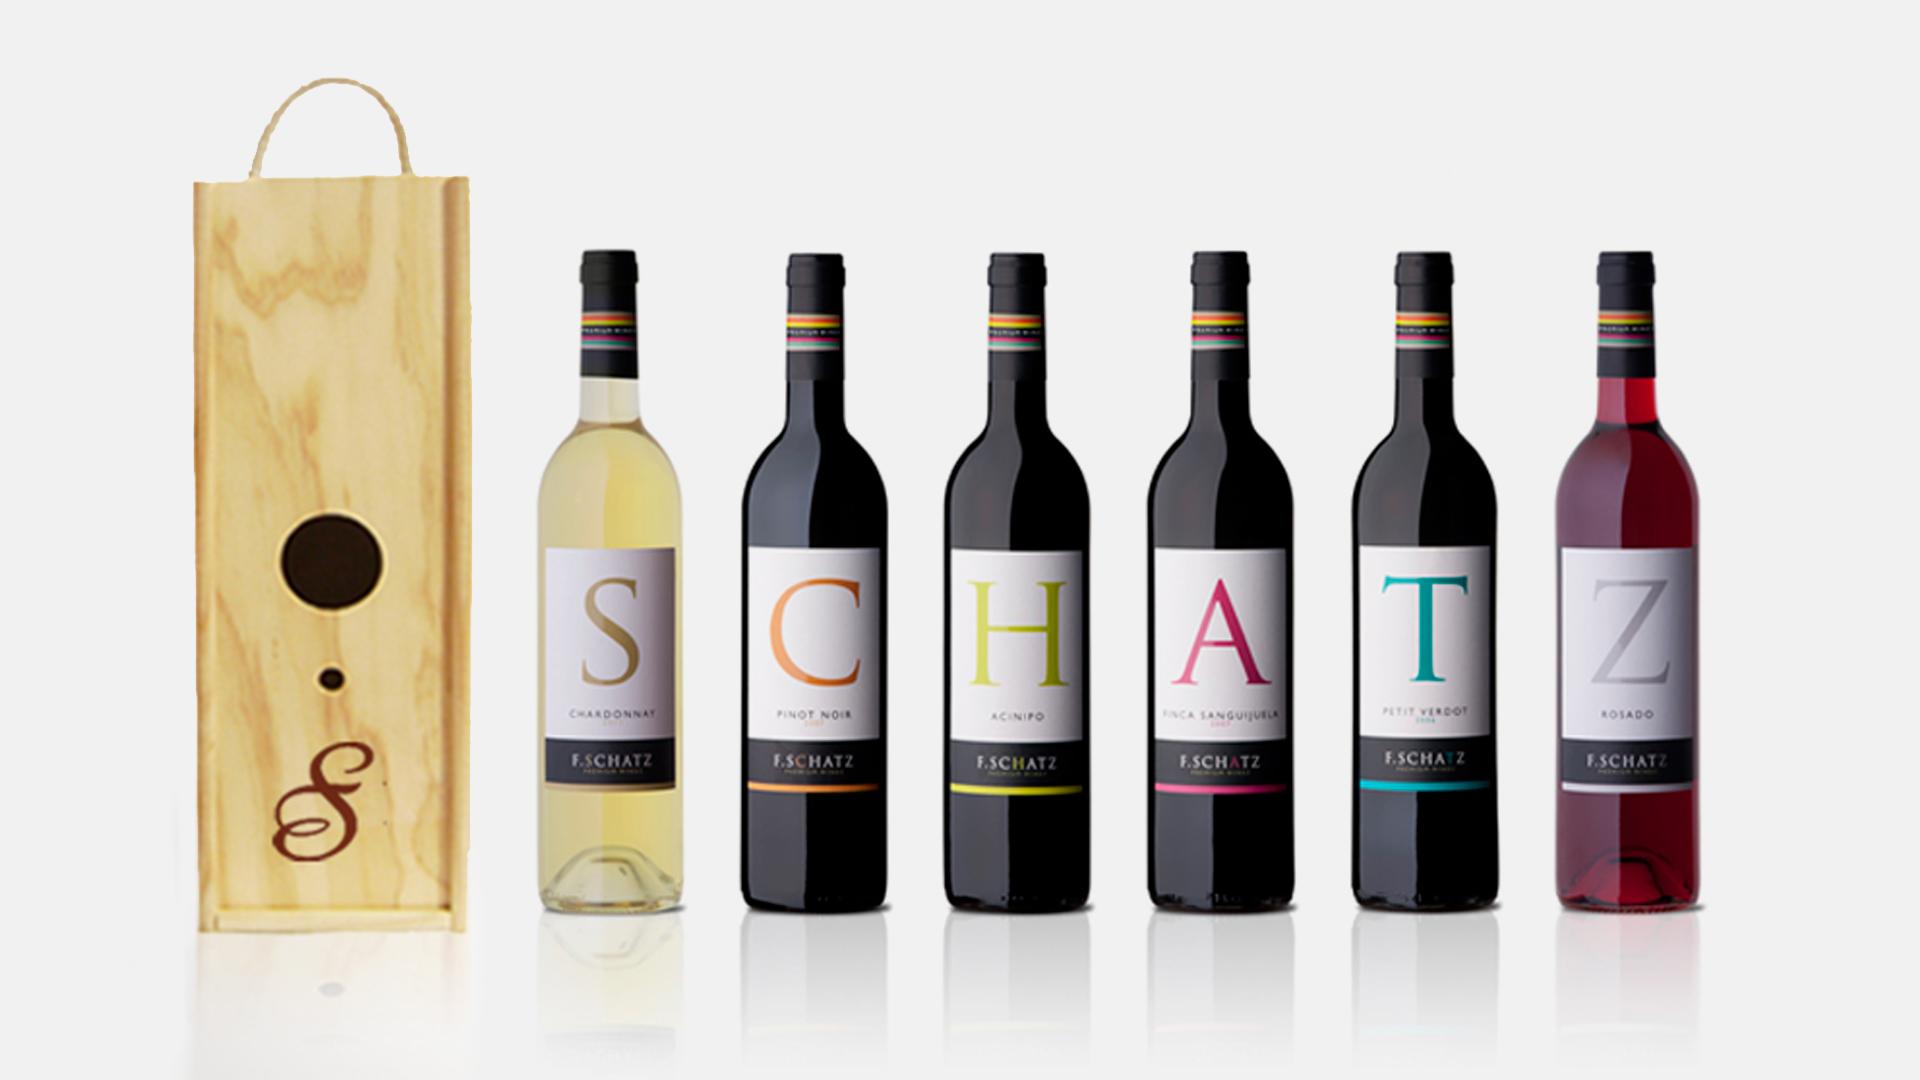 Campaña de branding para Bodegas Schatz - Parnaso